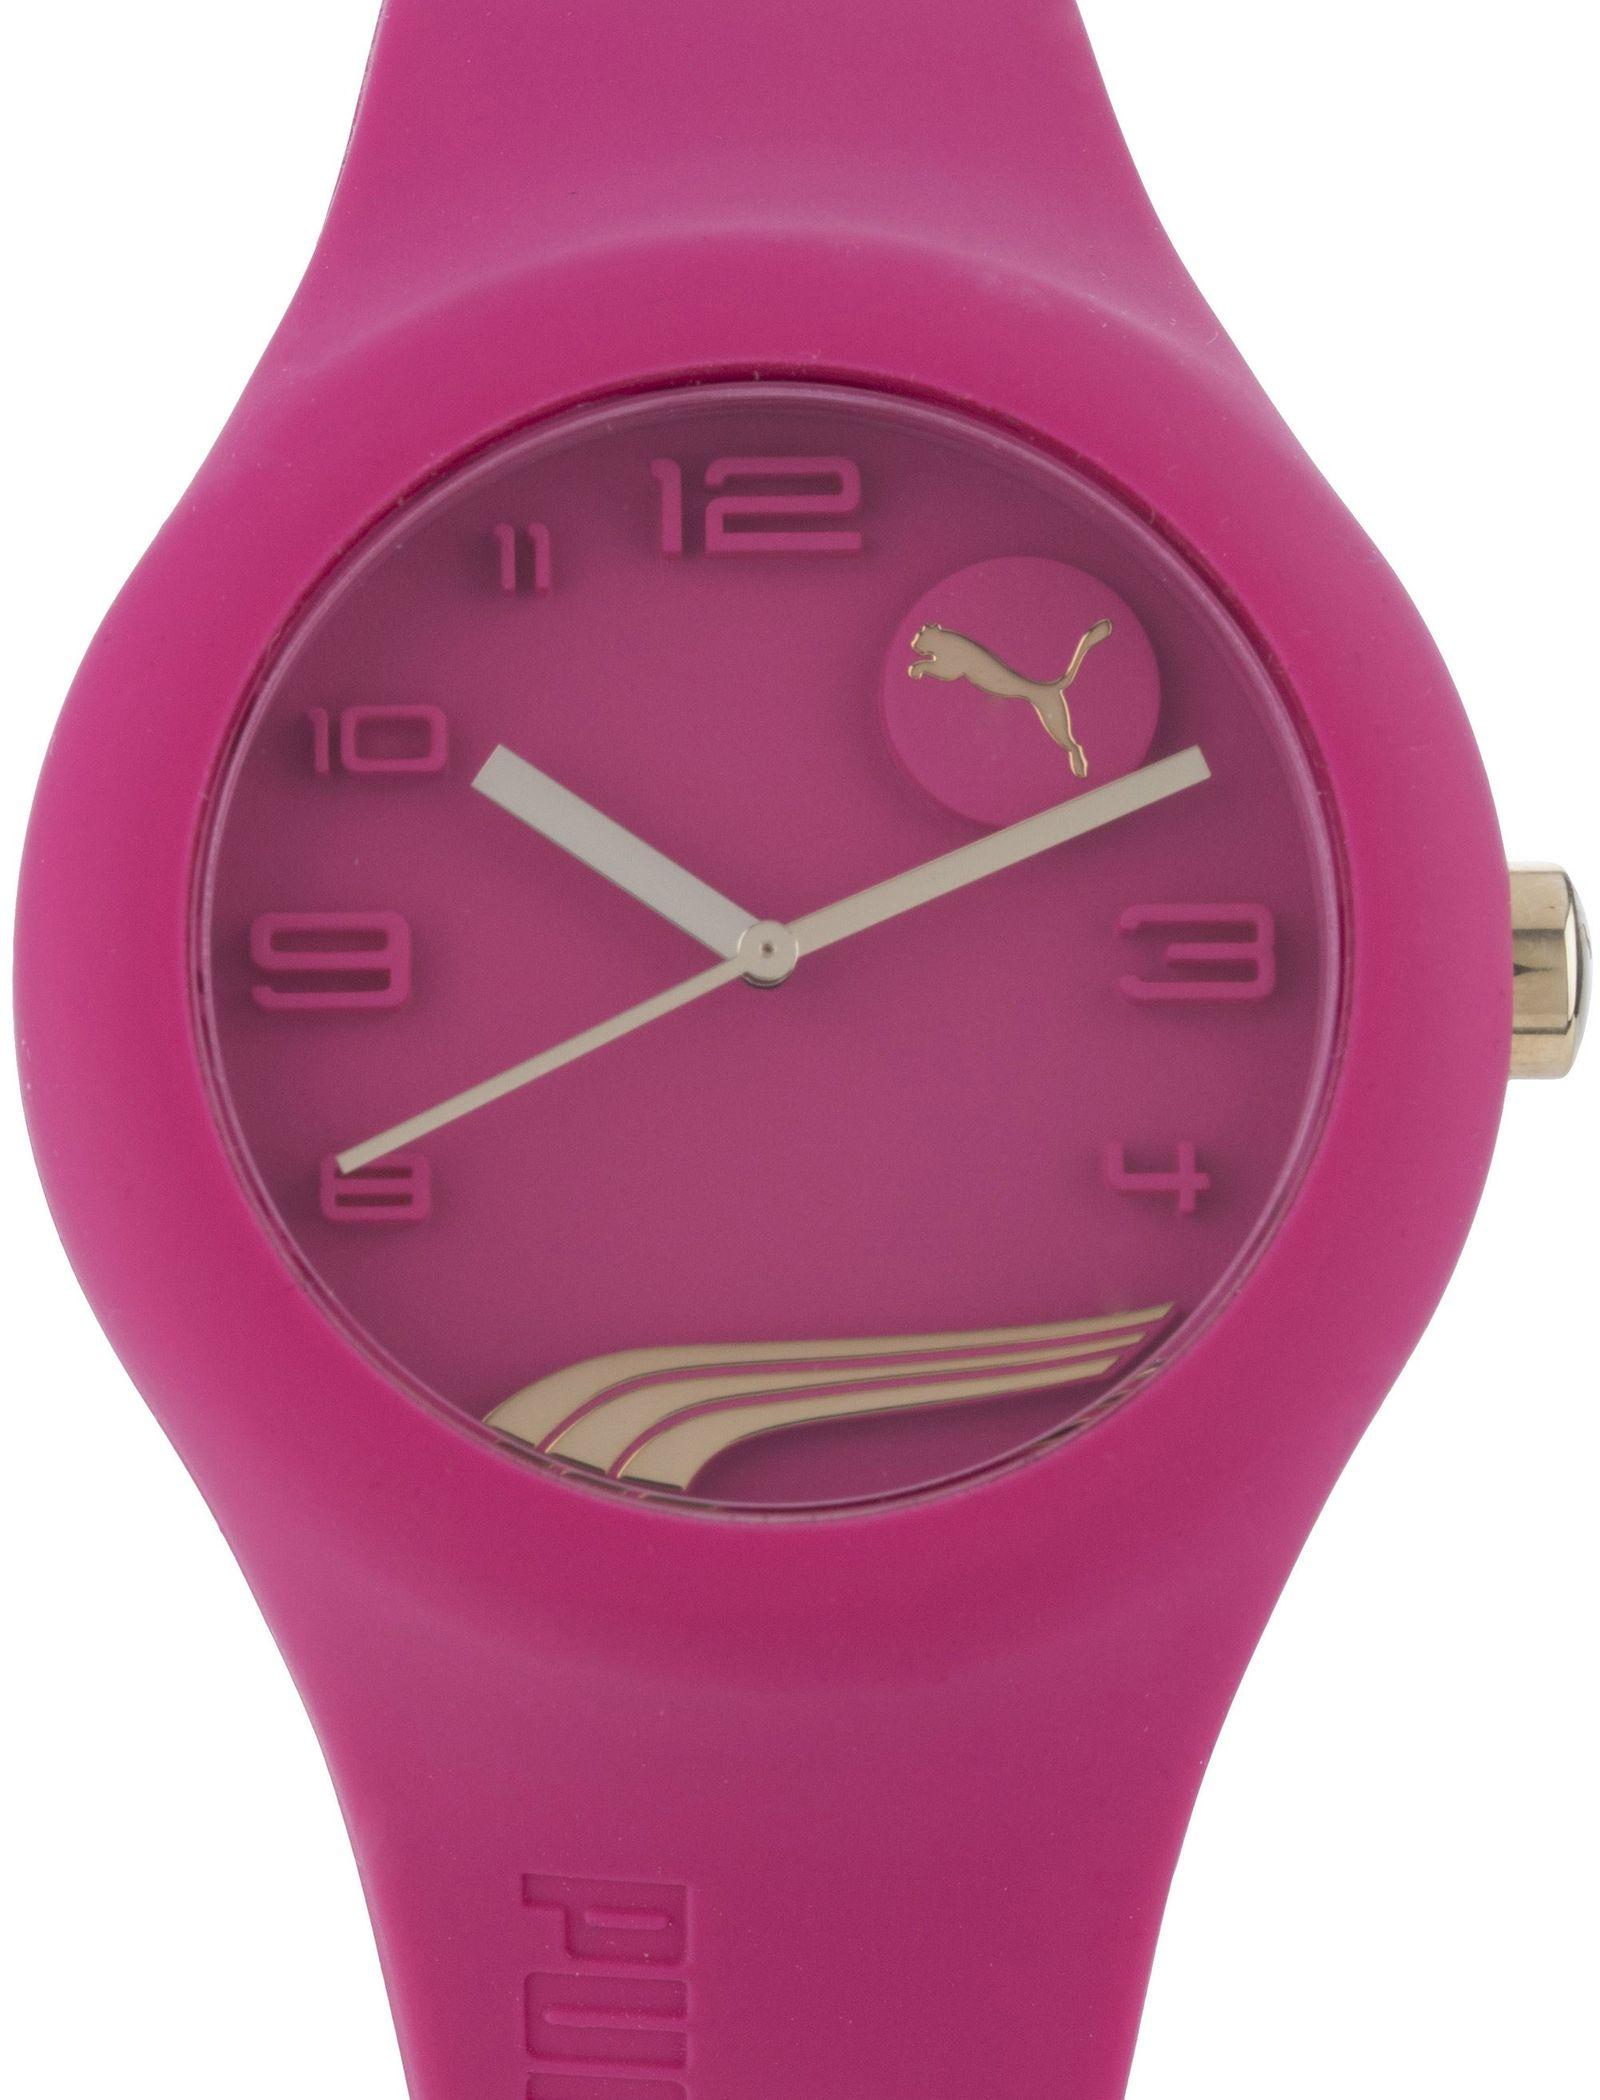 ساعت مچی عقربه ای زنانه - پوما - صورتي - 2